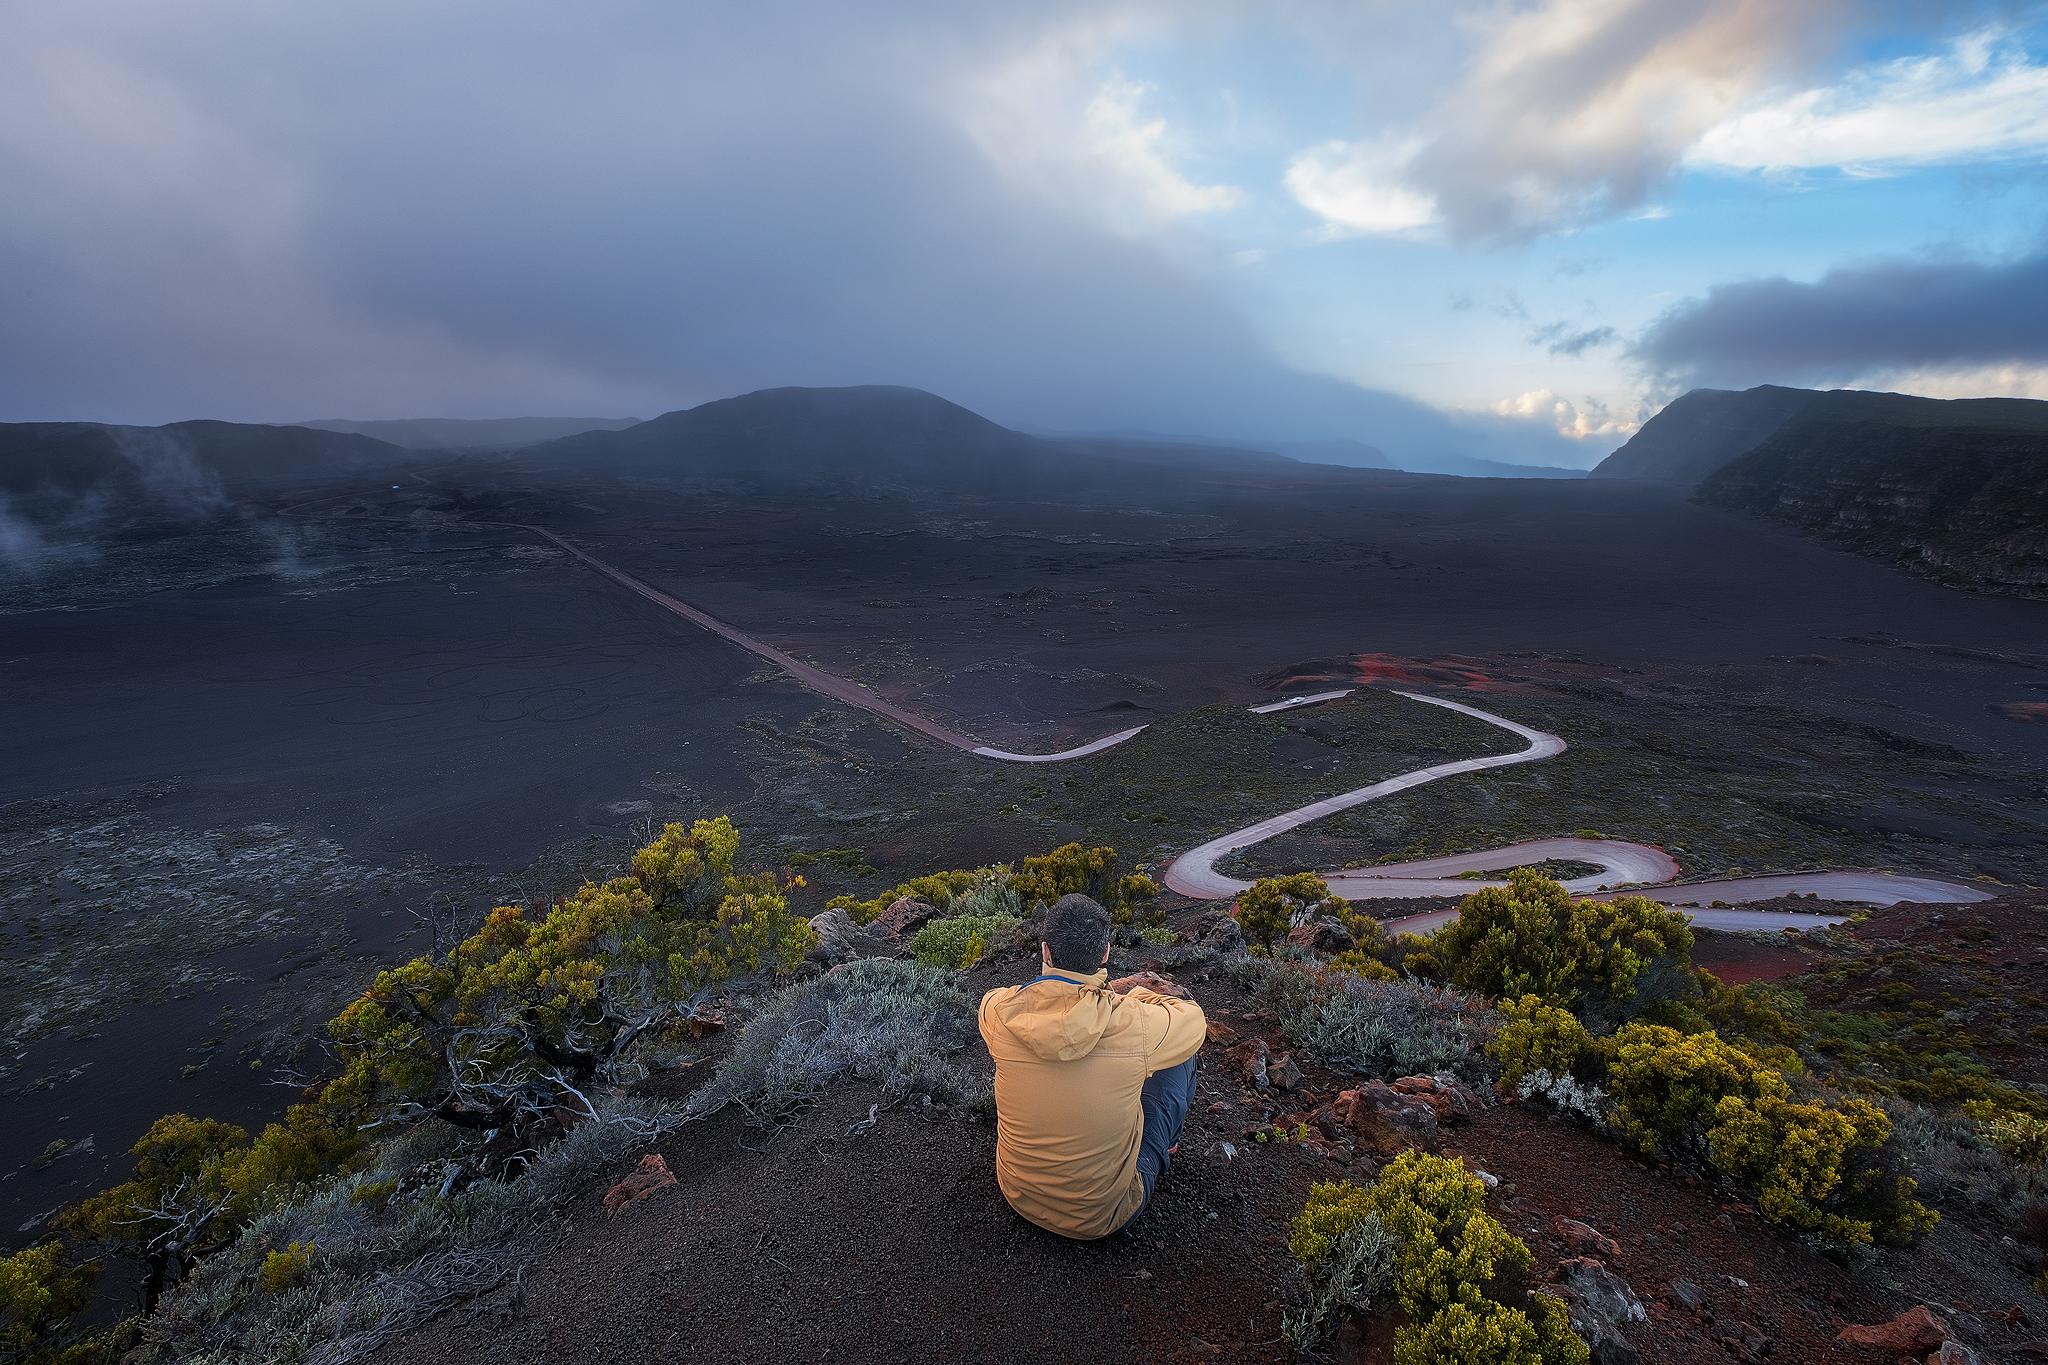 La Réunion offre un superbe terrain de jeu aux amateurs d'images. J'espère vous donner envie de découvrir cette île au travers de mes photographies.